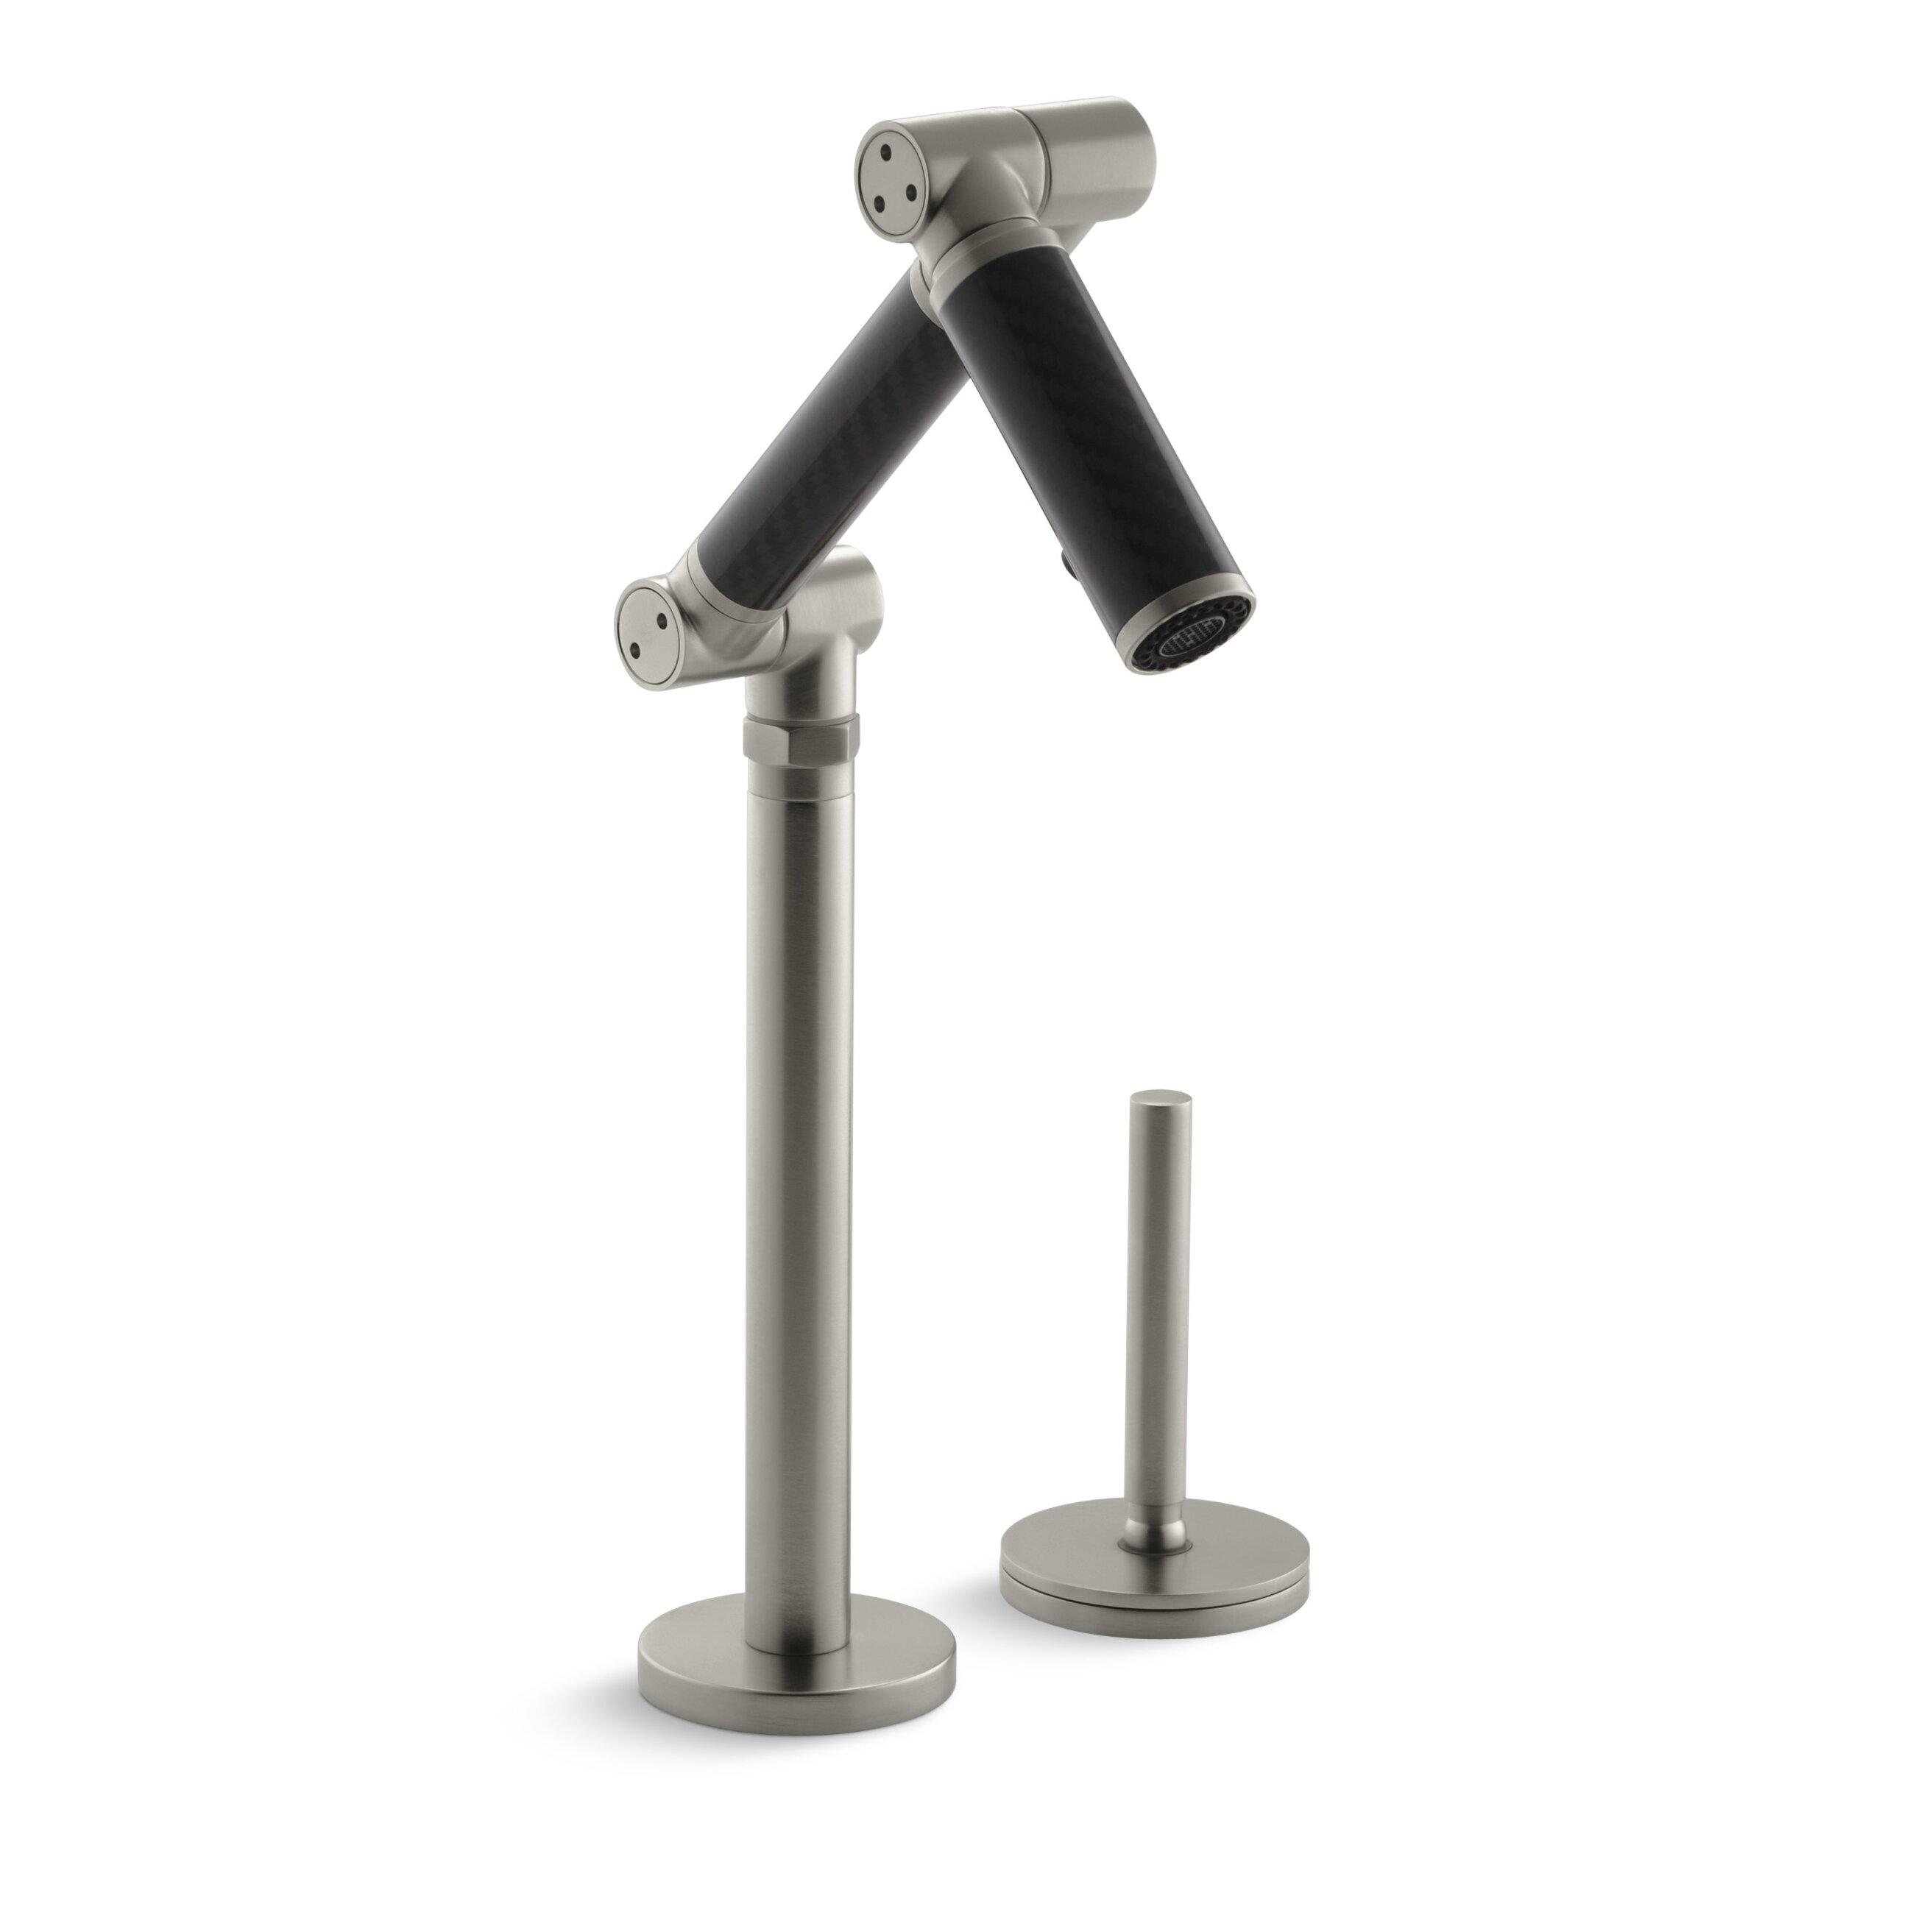 Kohler Black Faucet : Kohler Karbon Articulating Deck-Mount Bathroom Sink Faucet with Black ...